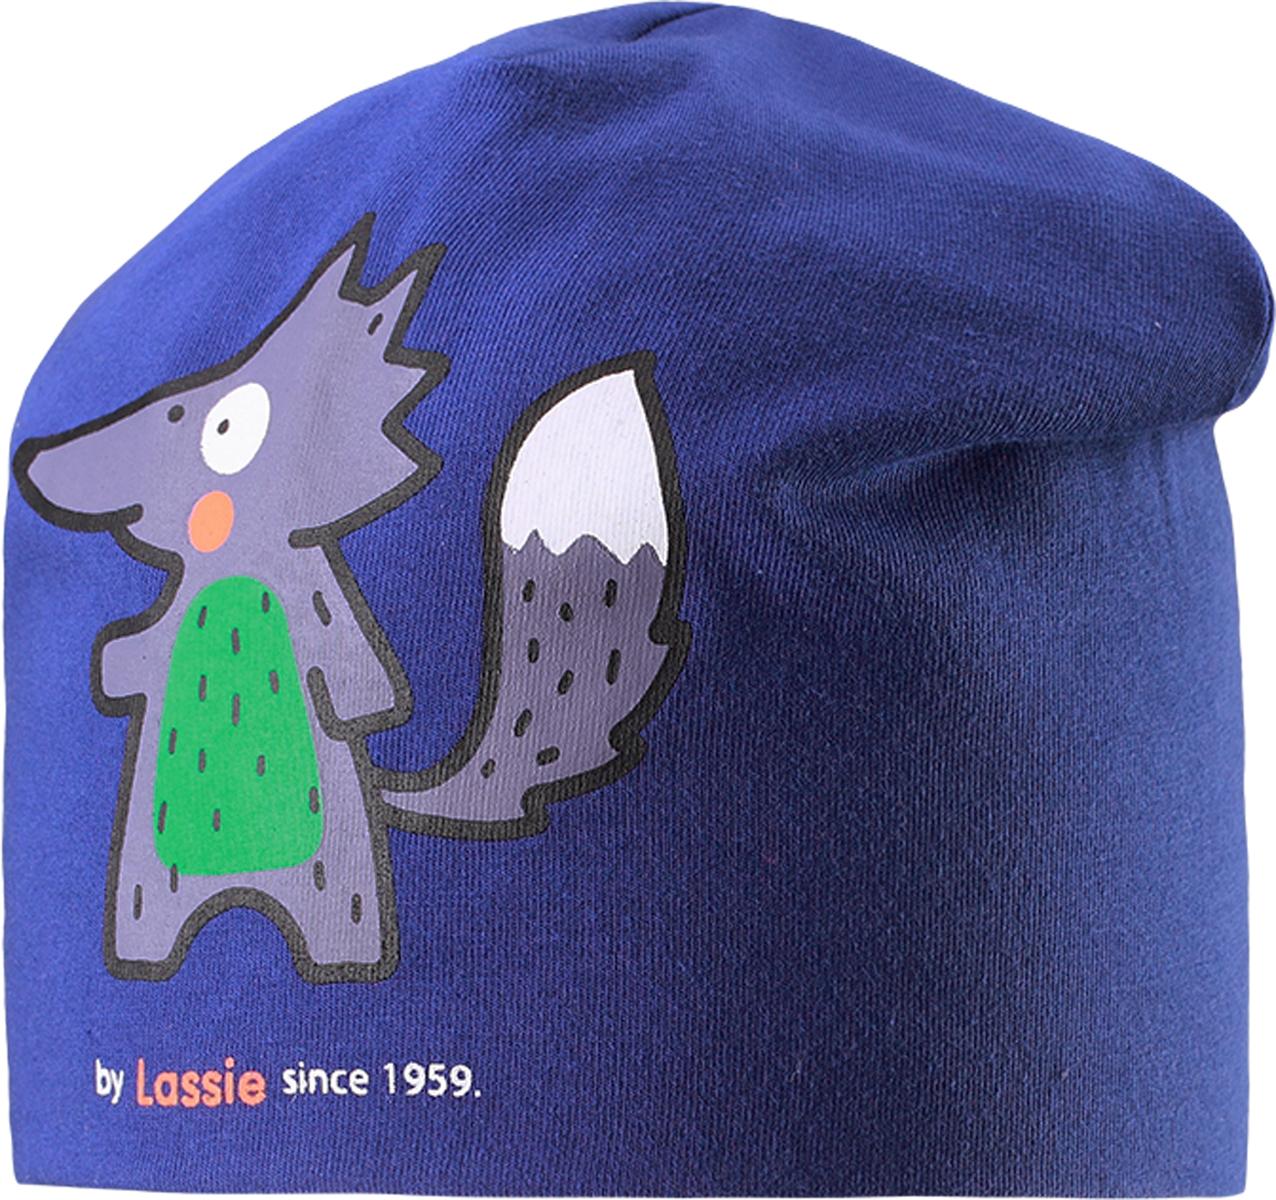 Шапка детская Lassie, цвет: синий. 7187176690. Размер 46/487187176690Базовая шапка для малышей с забавным рисунком в лисички. Шапка сделана из легкого и удобного джерси на полной трикотажной подкладке из гладкого дышащего смесового хлопка. Она снабжена рисунком сбоку и светоотражающей эмблемой на заднем шве.